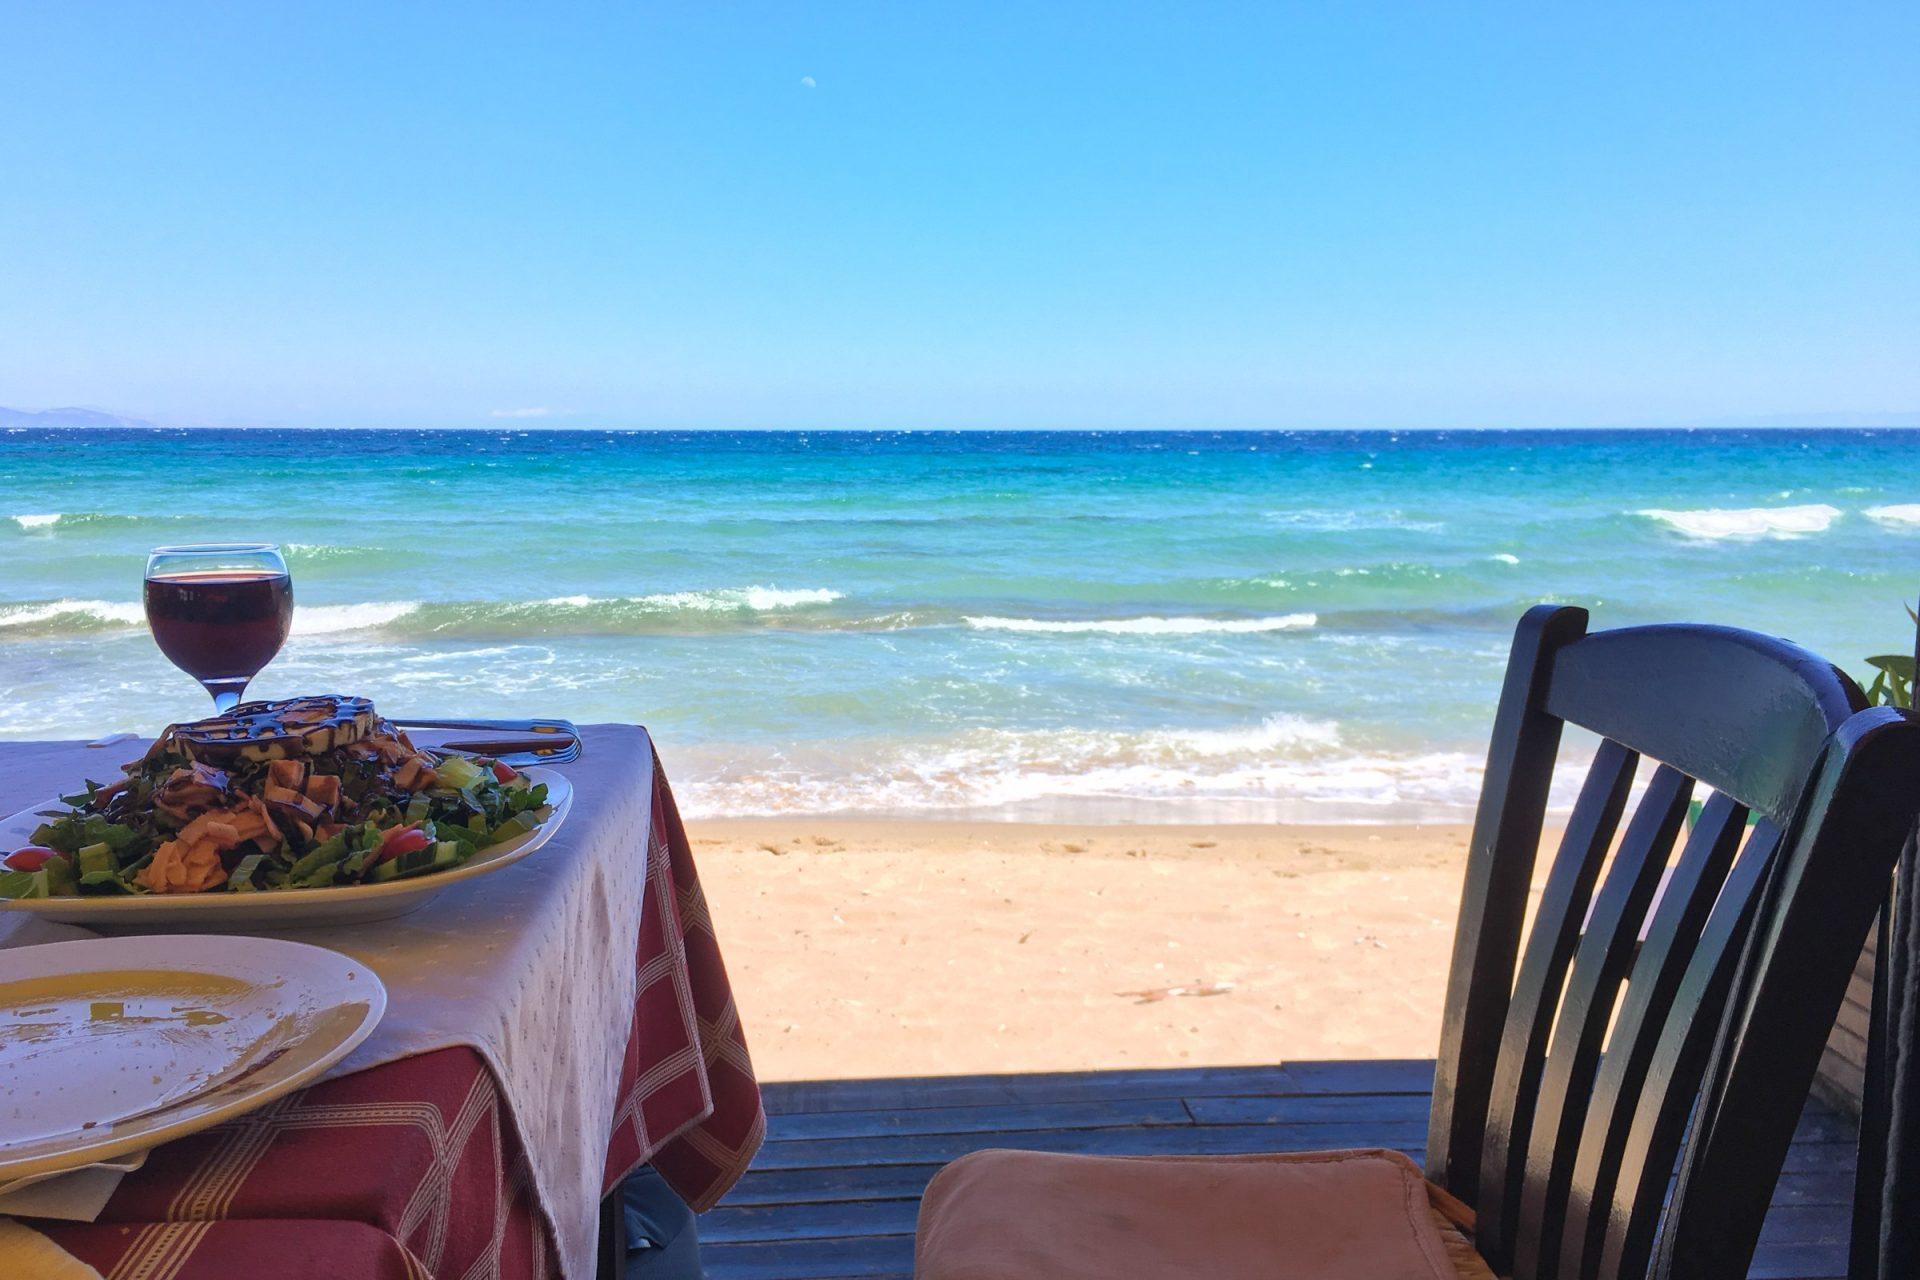 Food On Table Near Beach